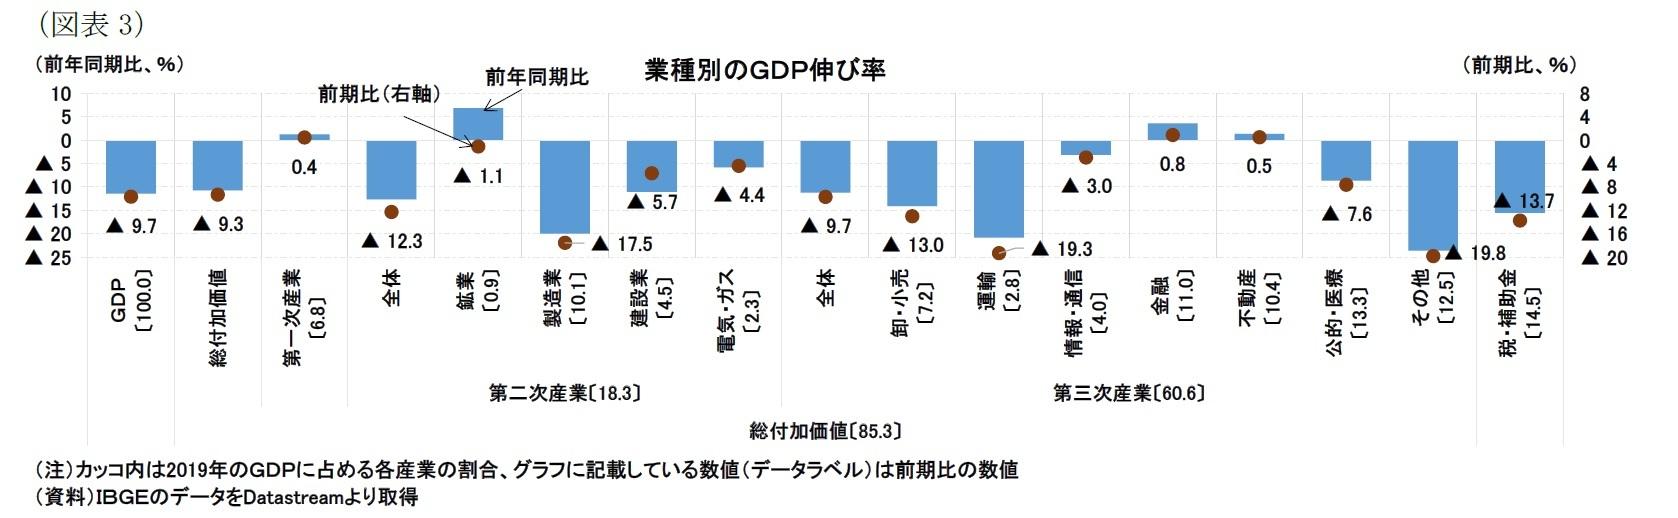 (図表3)業種別のGDP伸び率